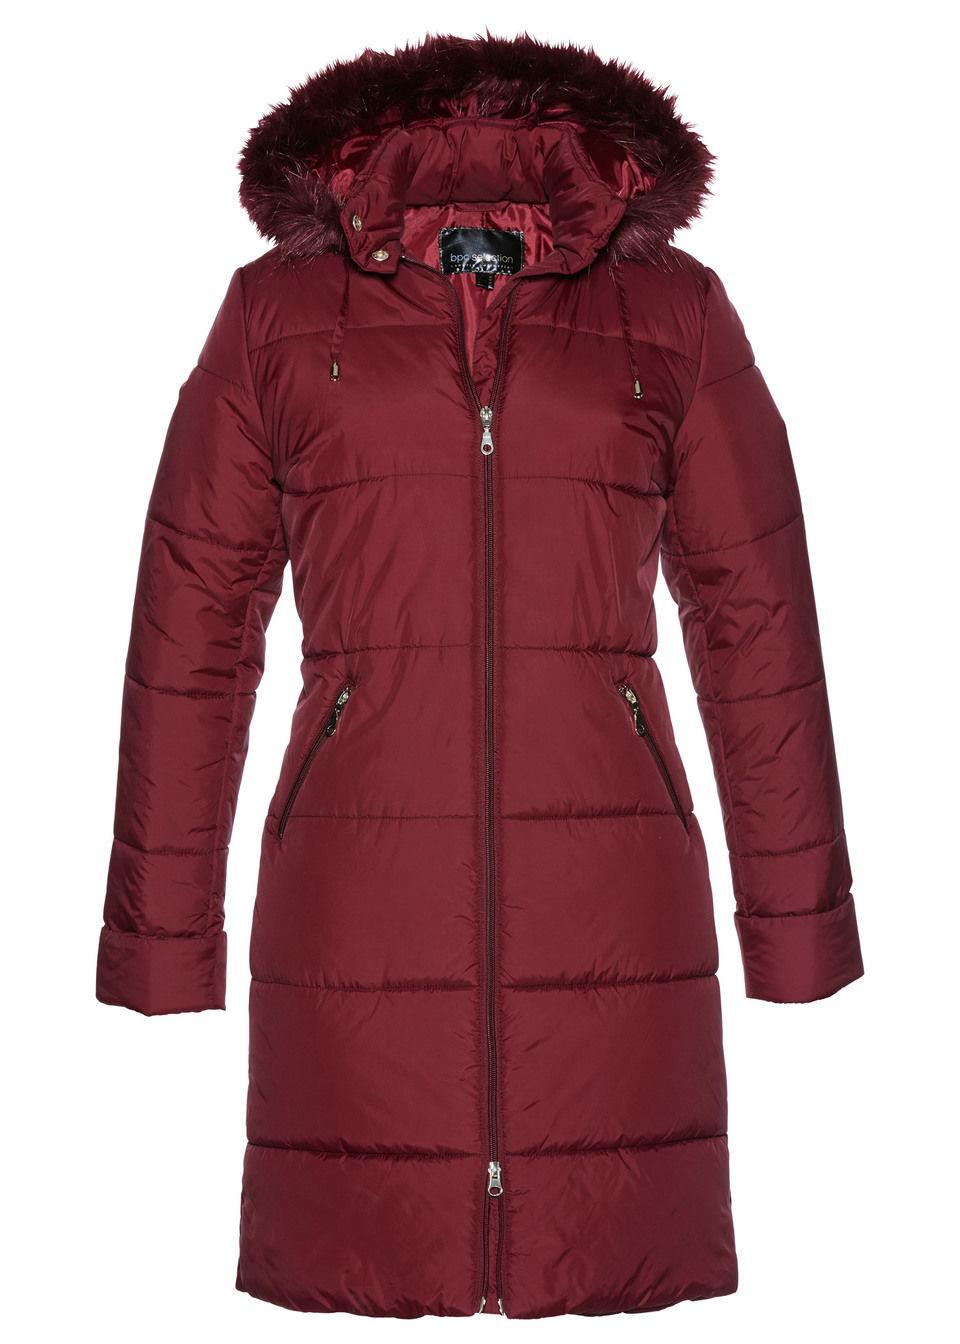 Стеганое пальто с капюшоном, отделанным искусственным мехом